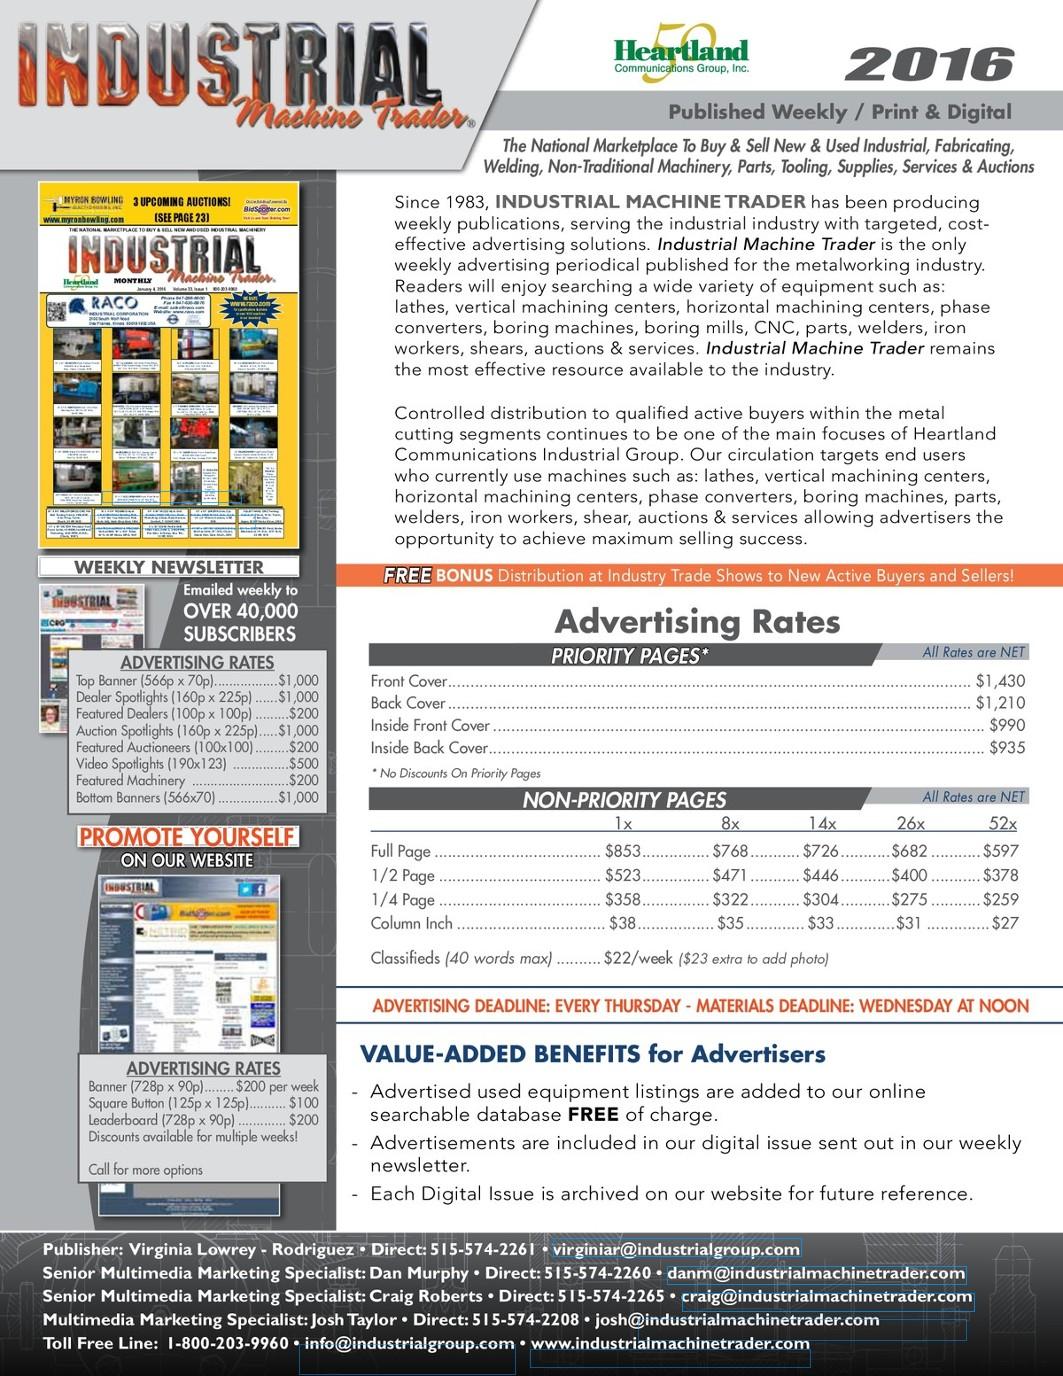 2016 IMT Media Kit